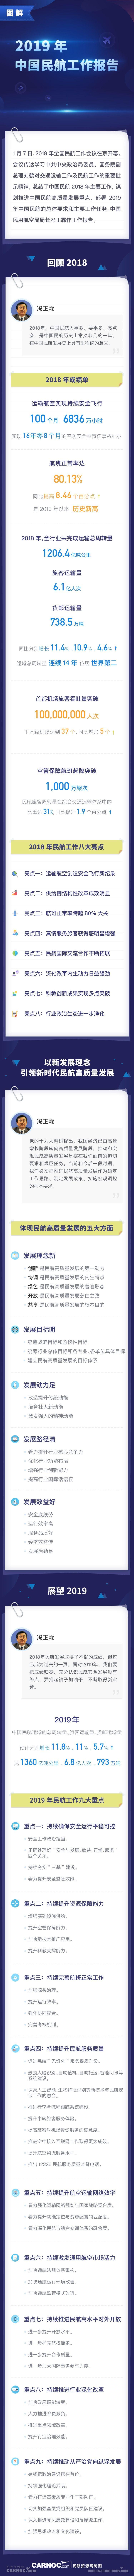 一图看懂2019年中国民航工作报告。民航资源网制图